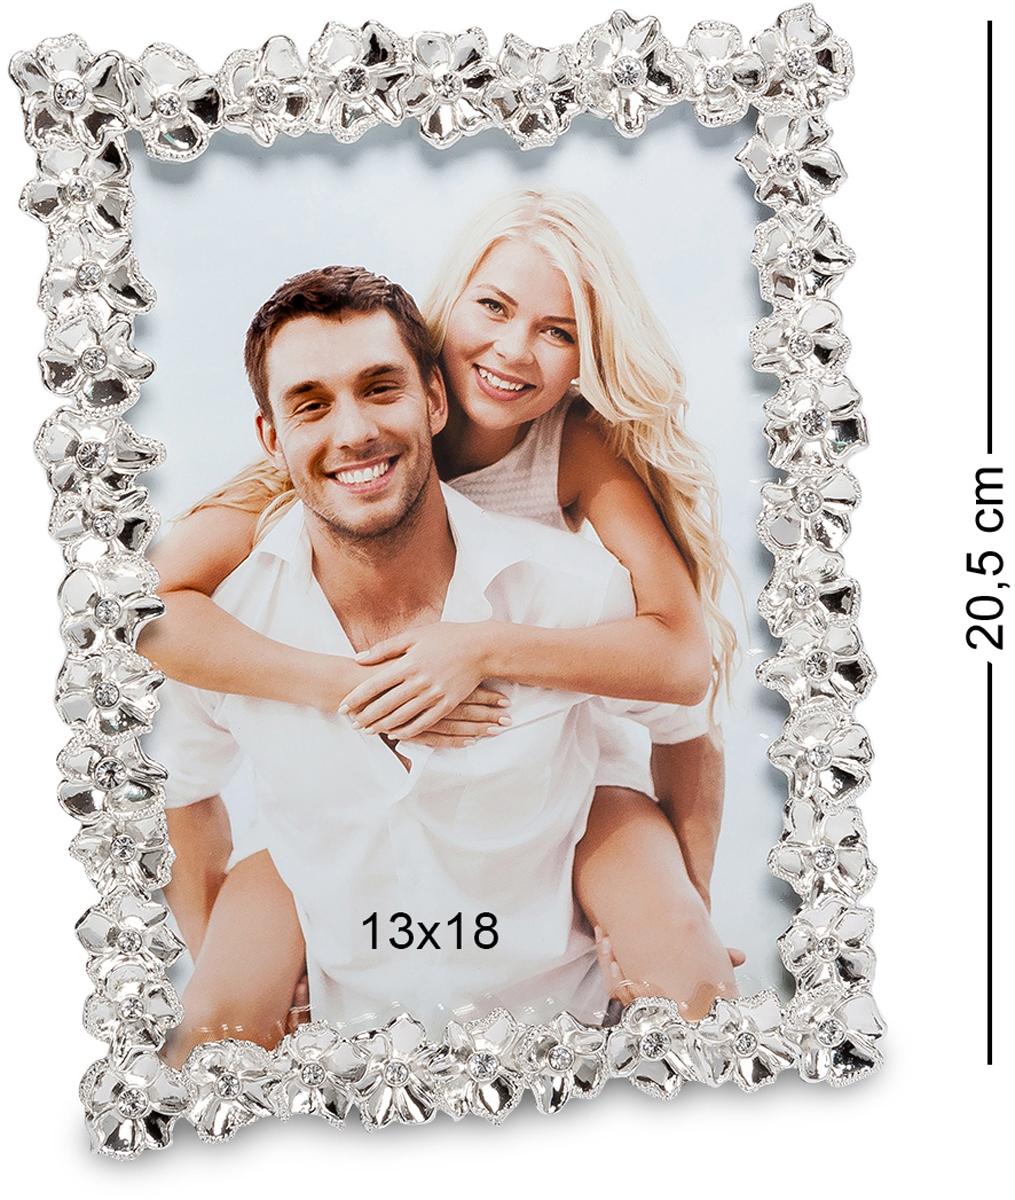 Фоторамка Bellezza Casa Цветочный вальс, фото 13х18. CHK-196CHK-196Фоторамка для фотографий 13х18 см. Фотографии запечатлевают наиболее важные моменты в жизни, поэтому в доме должны стоять на видном месте. Фоторамка Цветочный вальс элегантно обрамит любимый снимок. Позволит еще больше любоваться приятными воспоминаниями. Флористический стиль изделия наполнит атмосферу дома романтичностью и изысканностью. Каждый выпуклый цветочек серебристого оттенка выражает роскошь и благородство. Фоторамка не только украсит, но и сохранит качество дорогих сердцу фото на долгие годы.